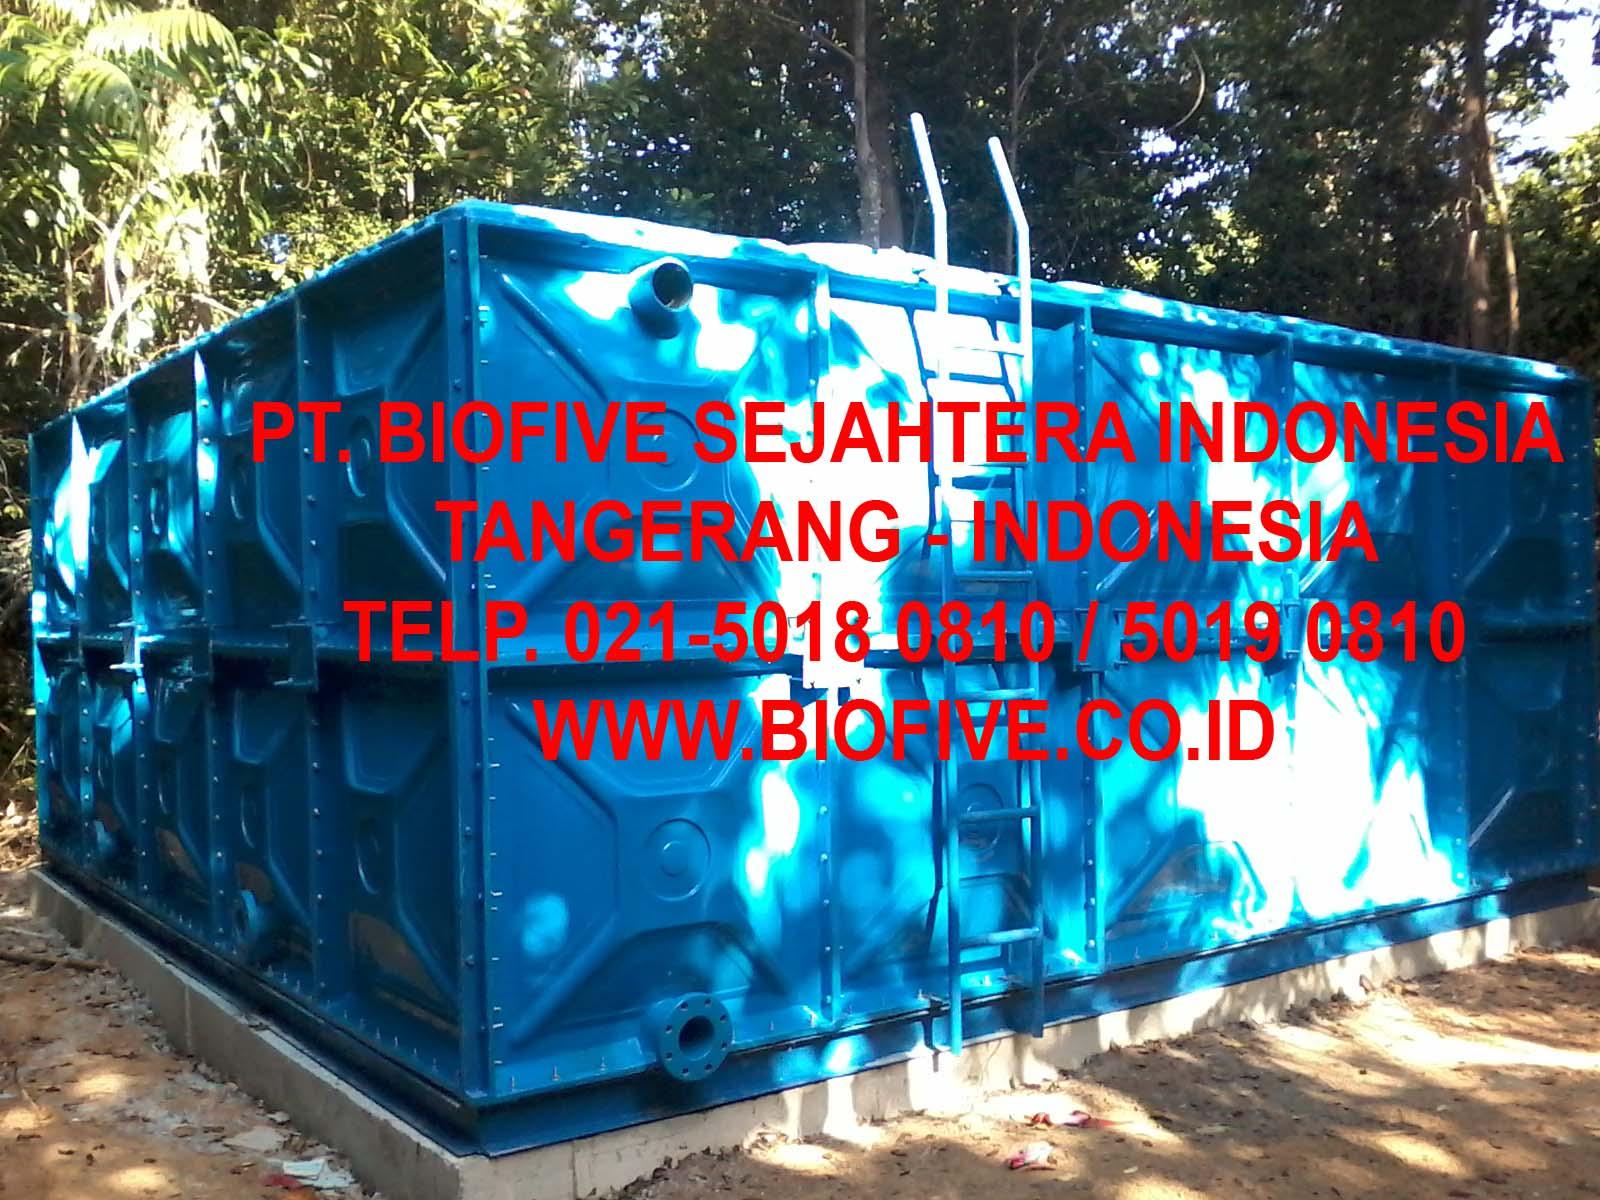 Tangki Air Panel Biofive